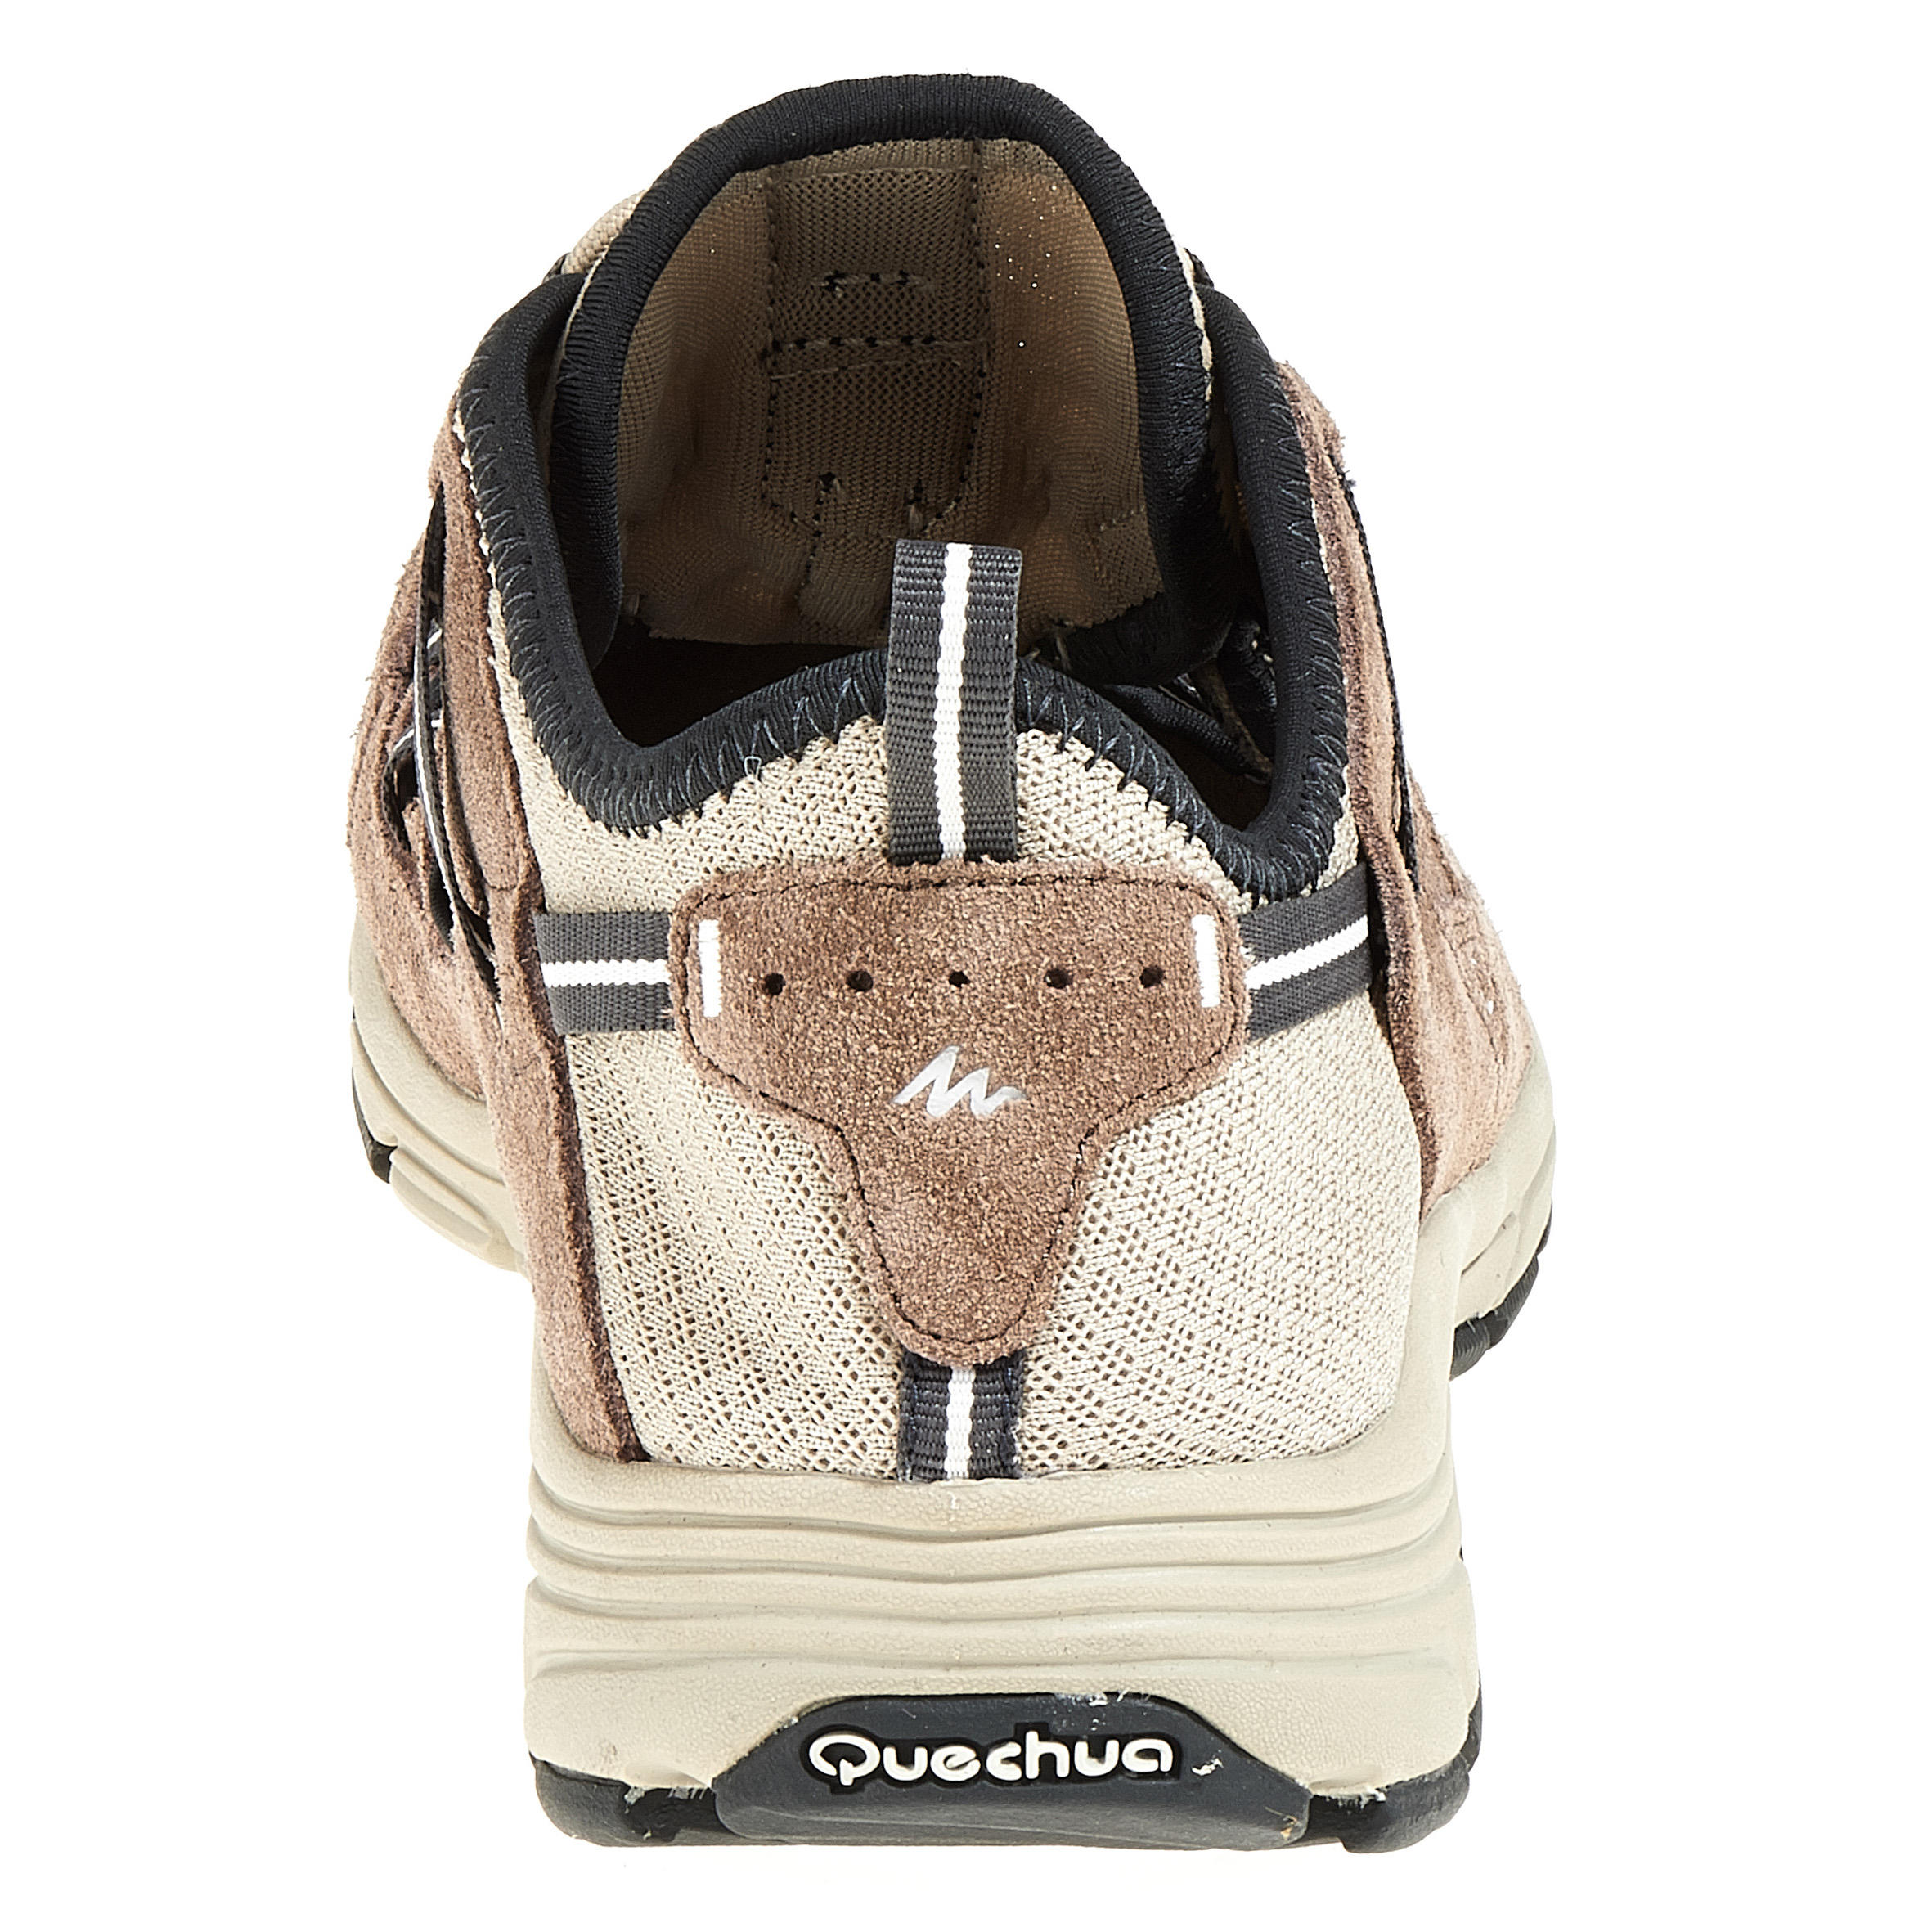 De Arpenaz Chaussure Beige Xuwtpzoki Homme 500 Randonnée Fresh b7yYf6gv